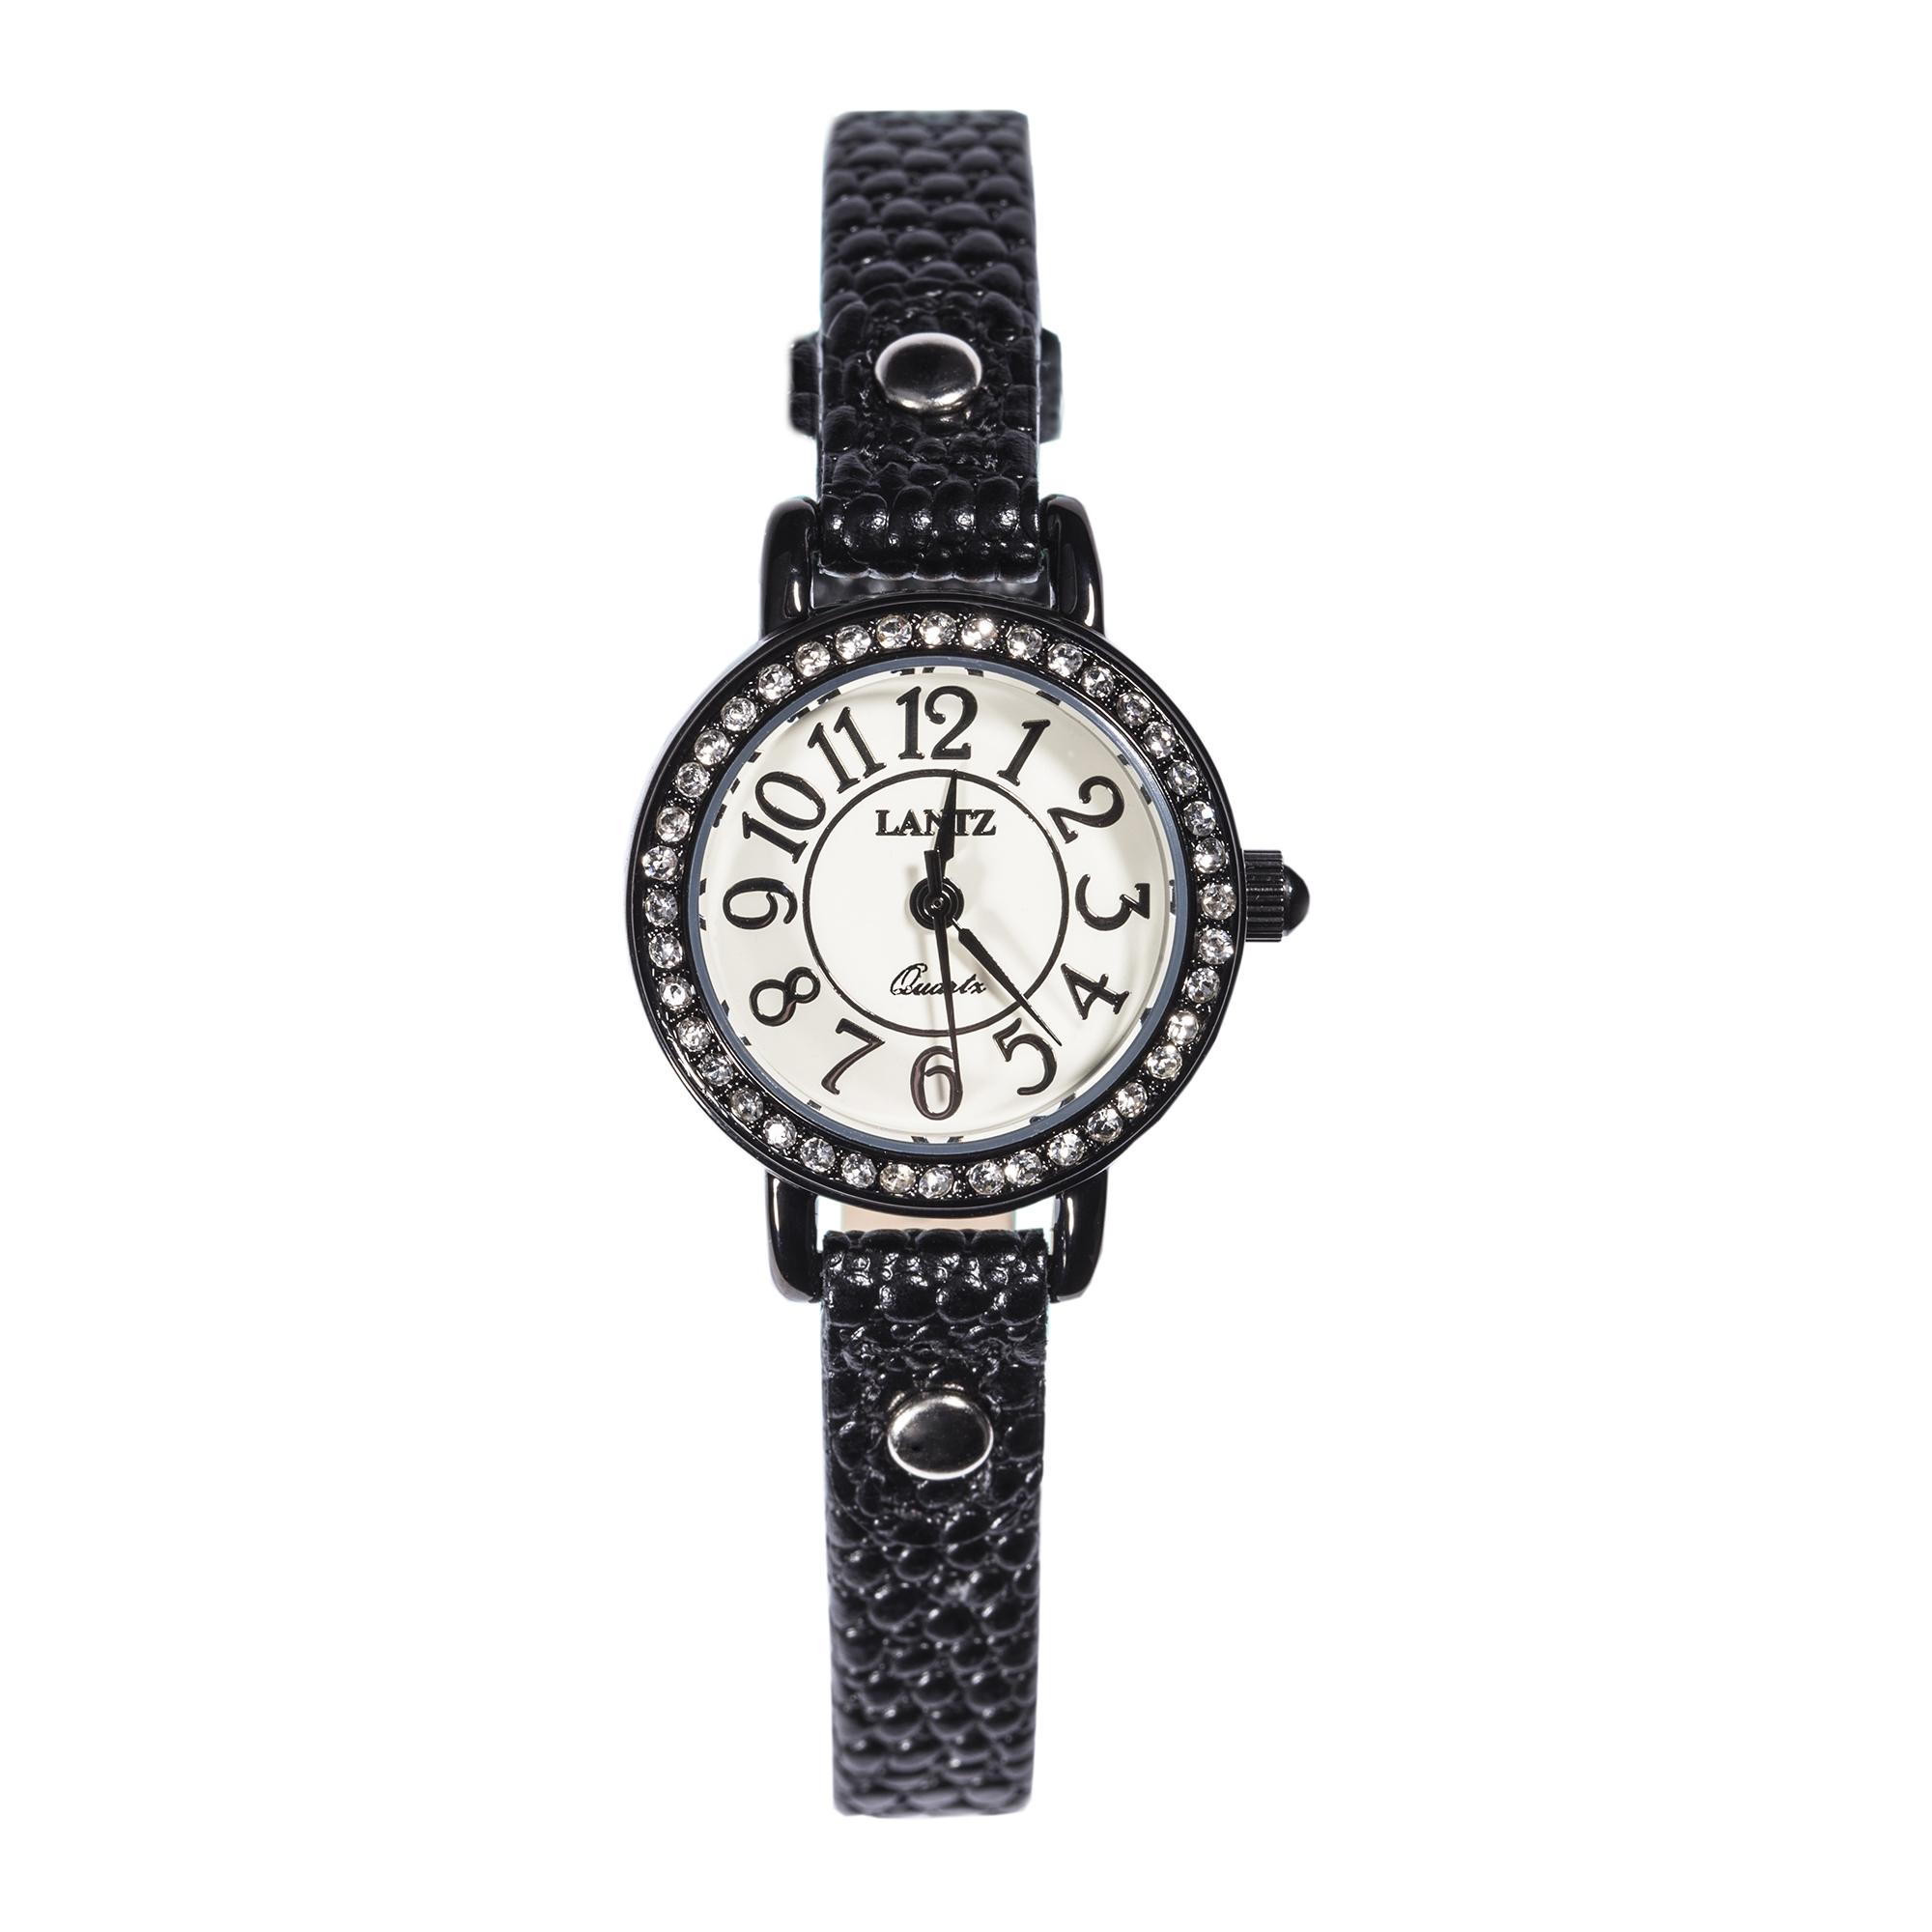 韩国原产LANTZ 时尚腕表碳钢石英表女式手表 黑色